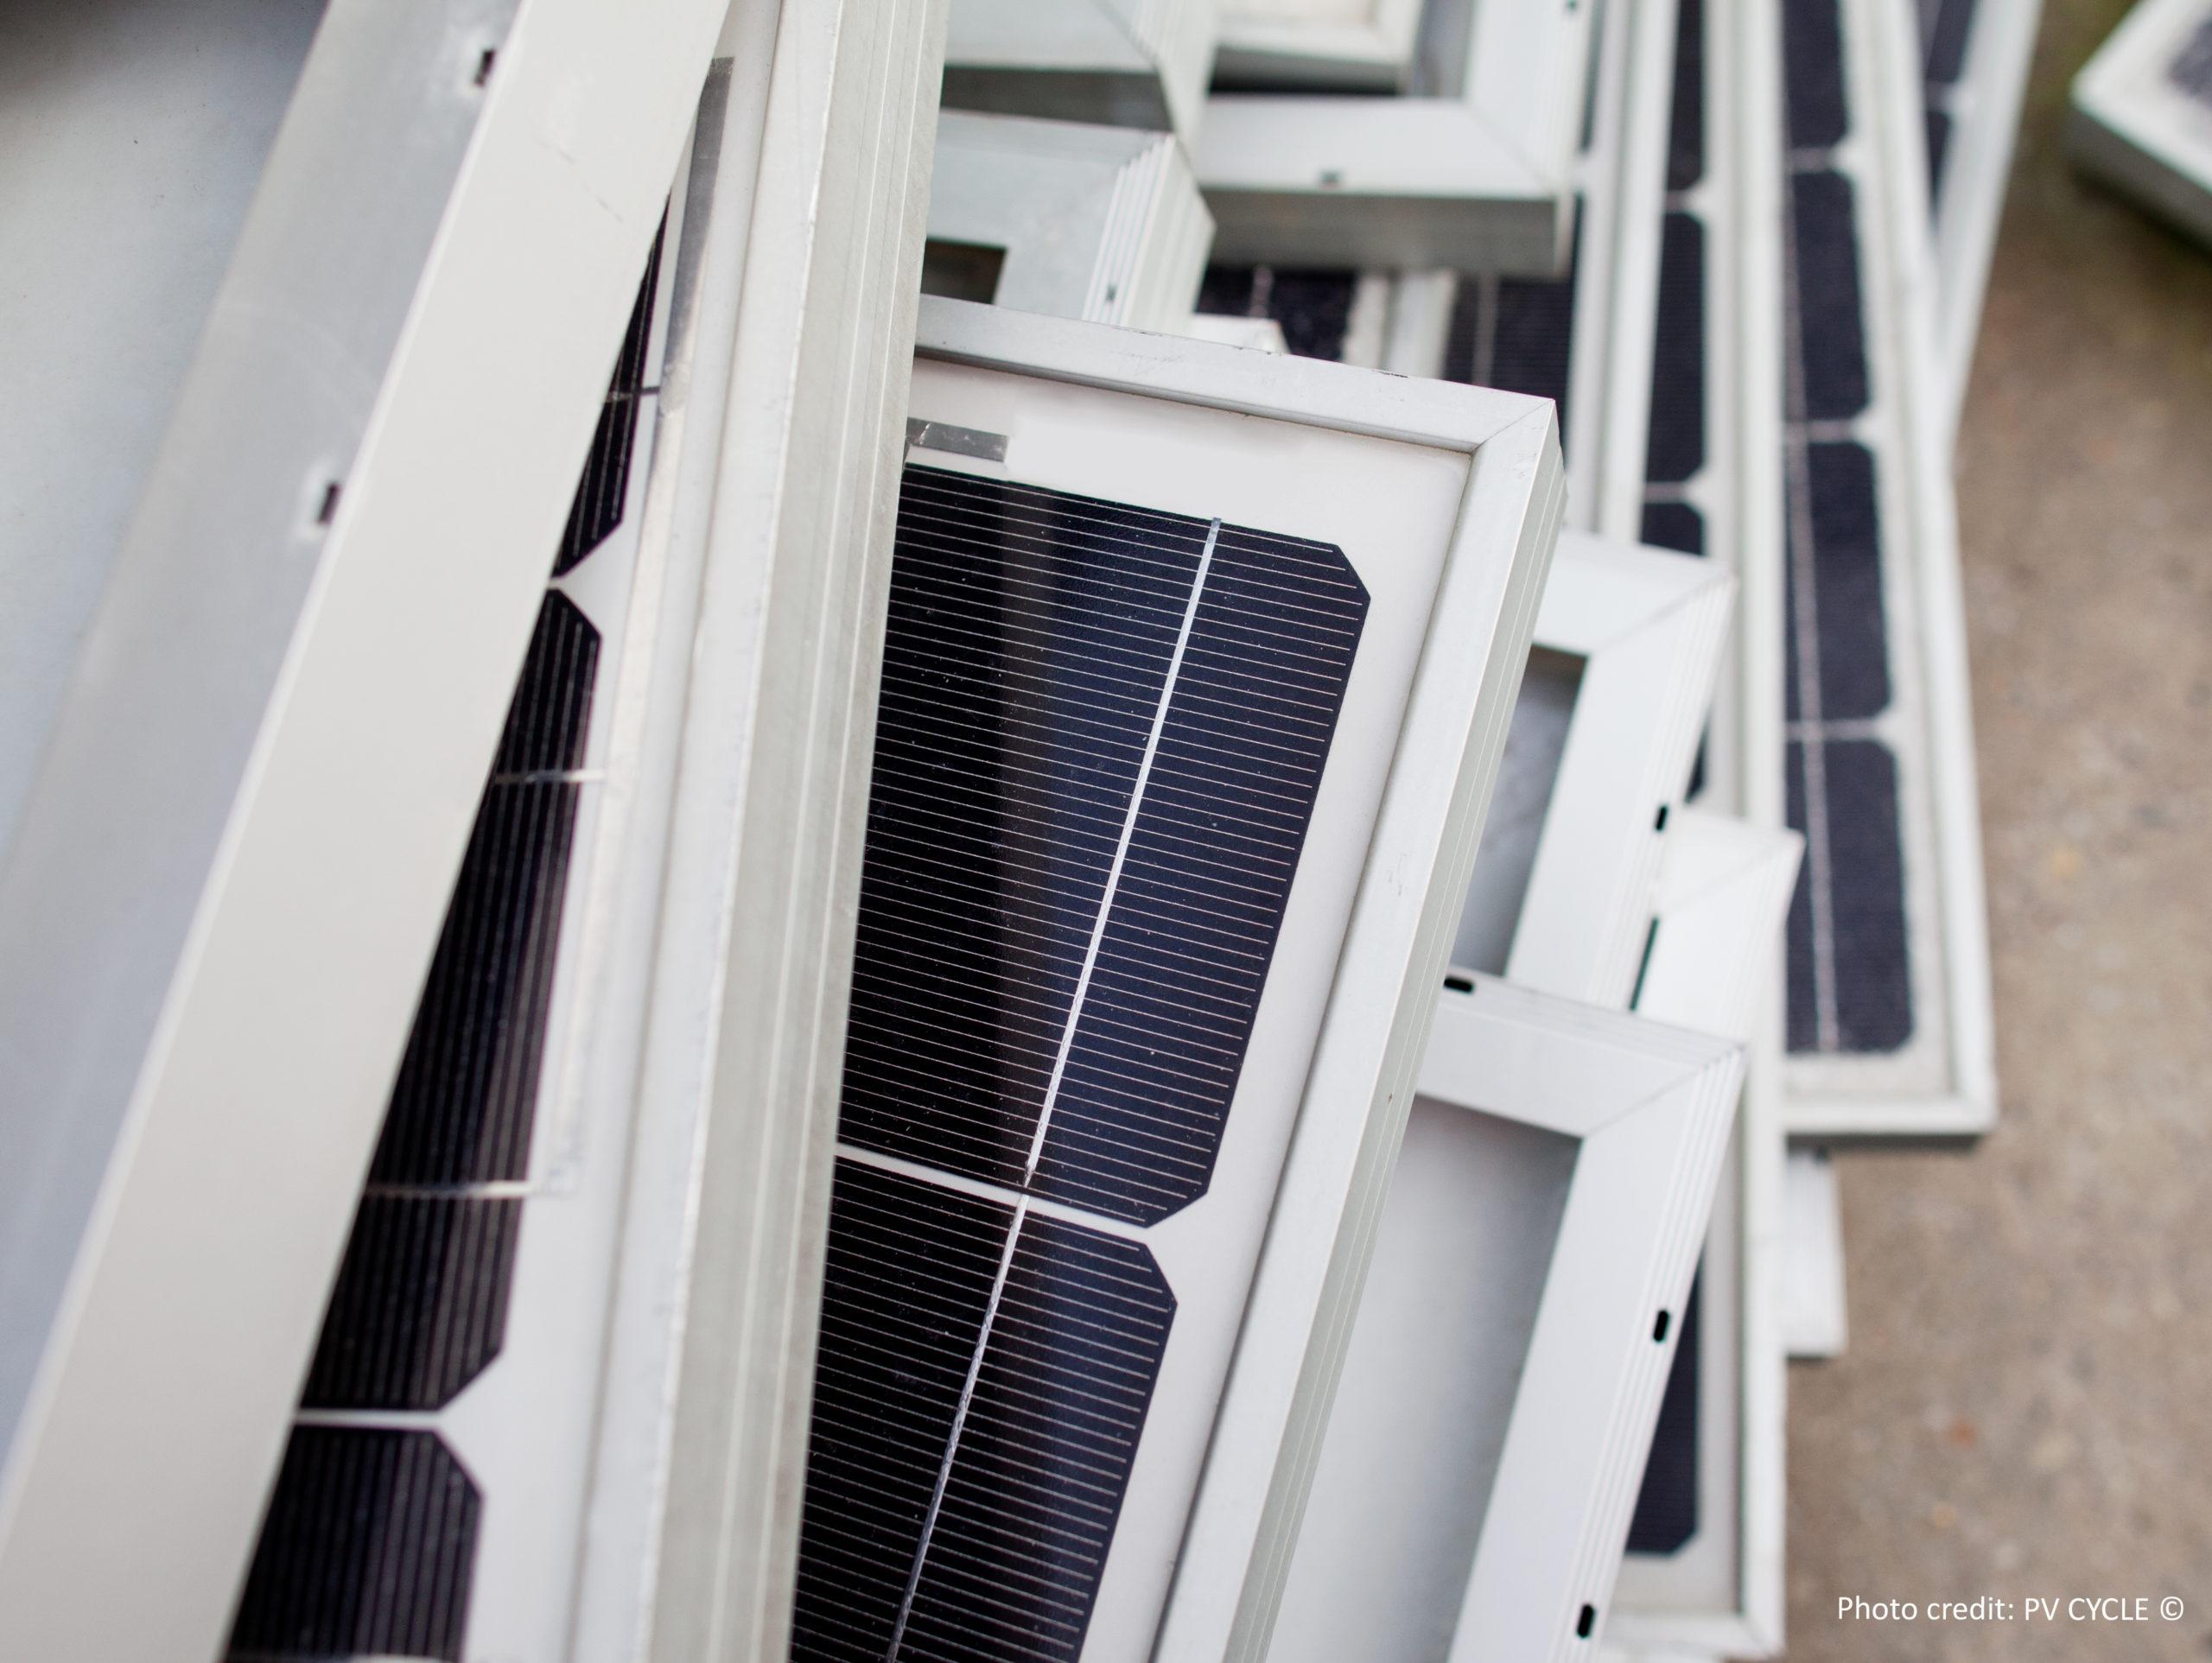 Recycling von PV-Modulen: In ihnen stecken viele wertvolle Rohstoffe.